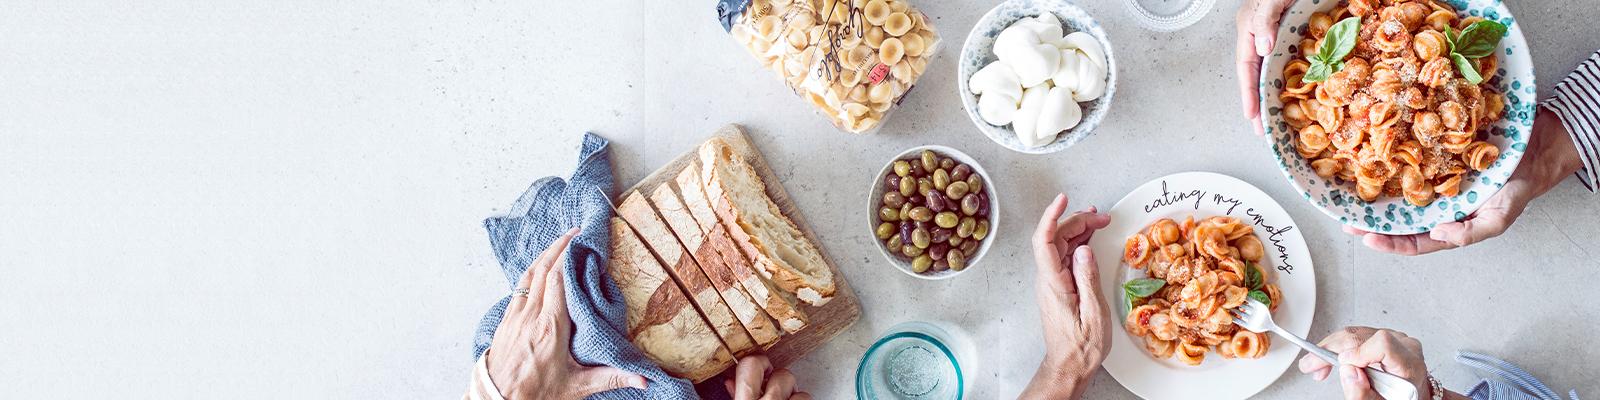 Pasta Garofalo - Noticias